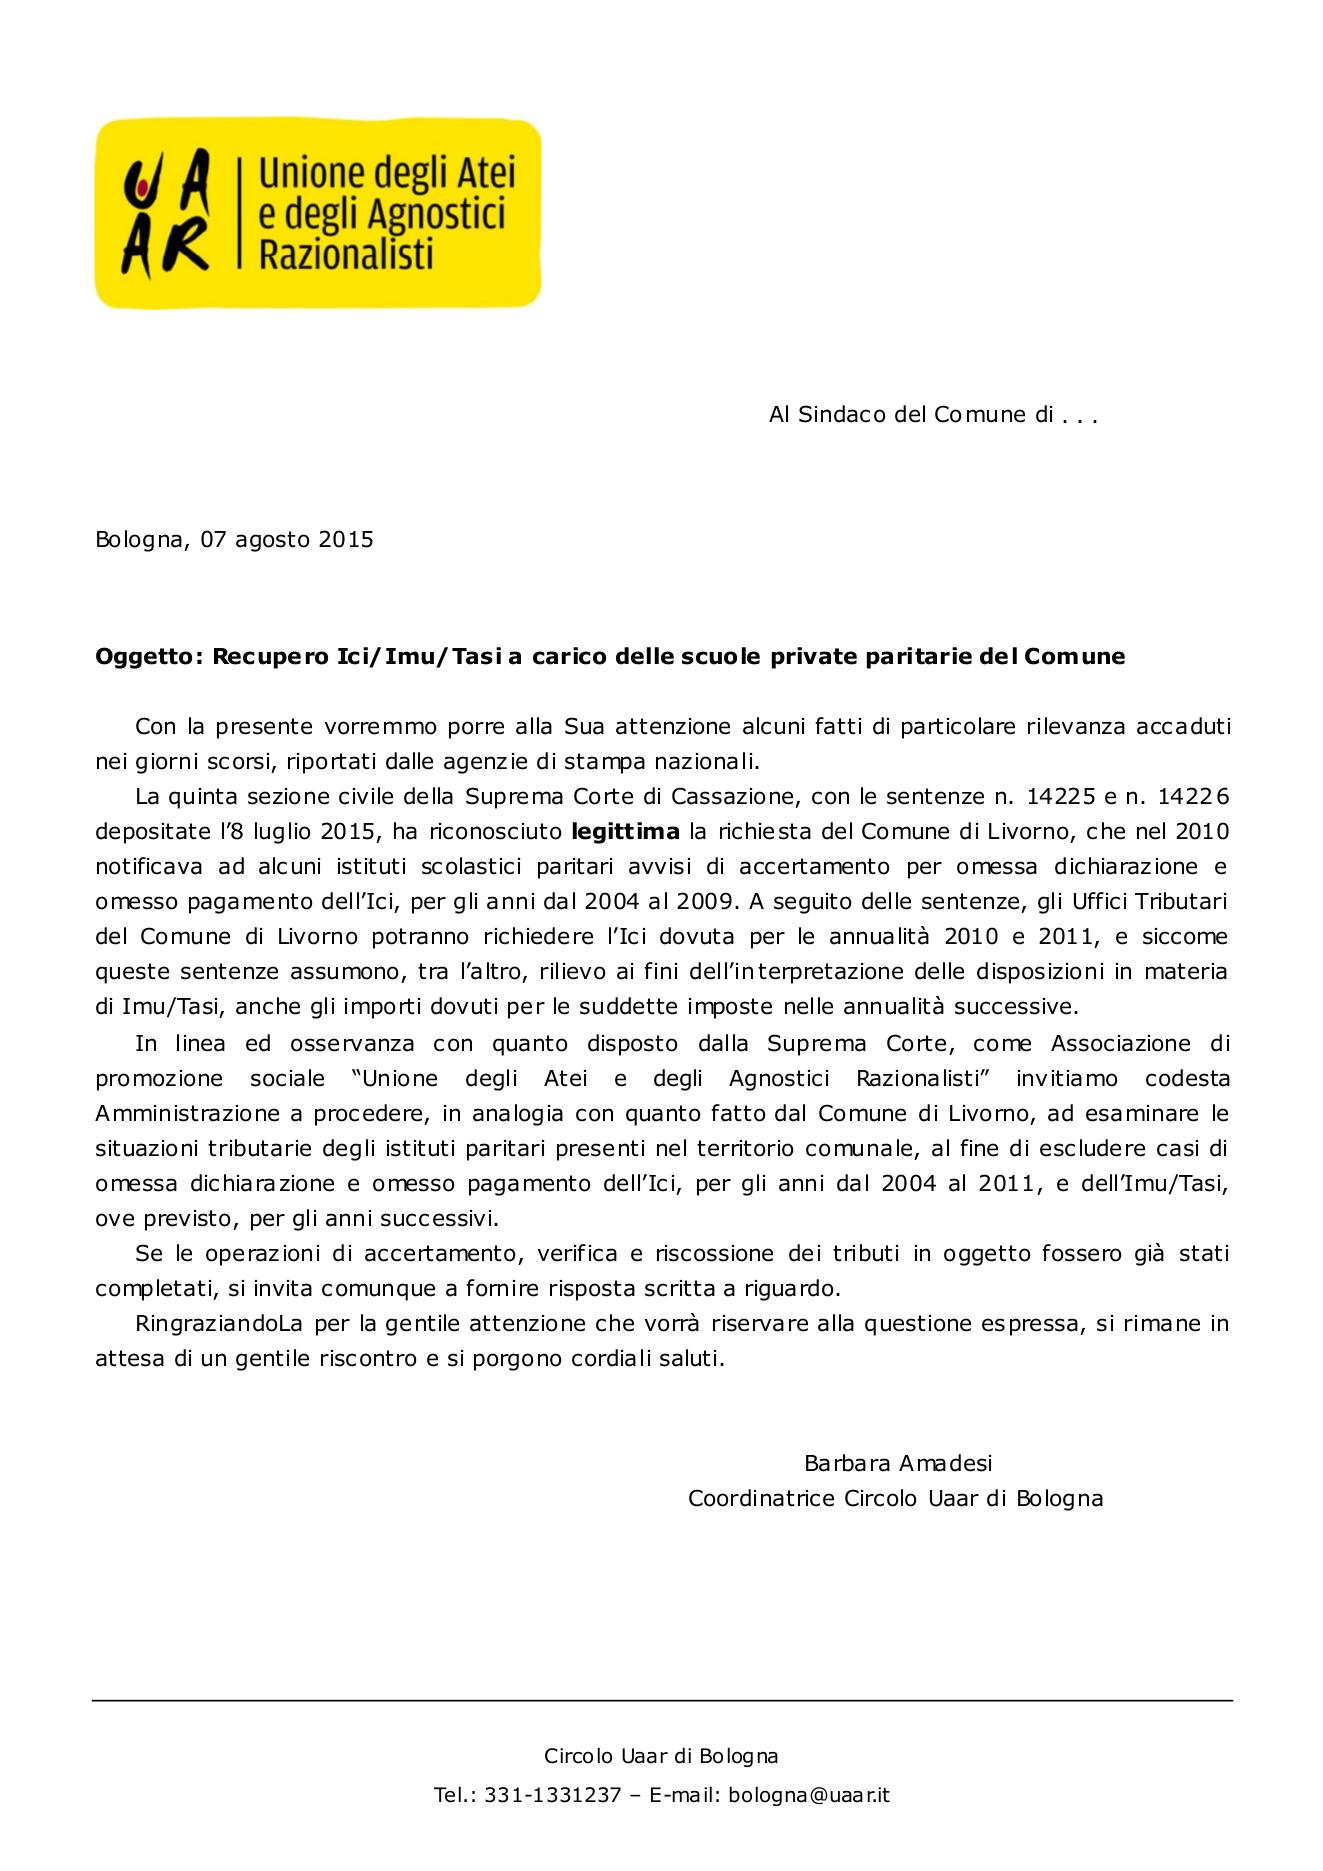 Recupero Ici/Imu/Tasi a carico delle scuole private paritarie del Comune